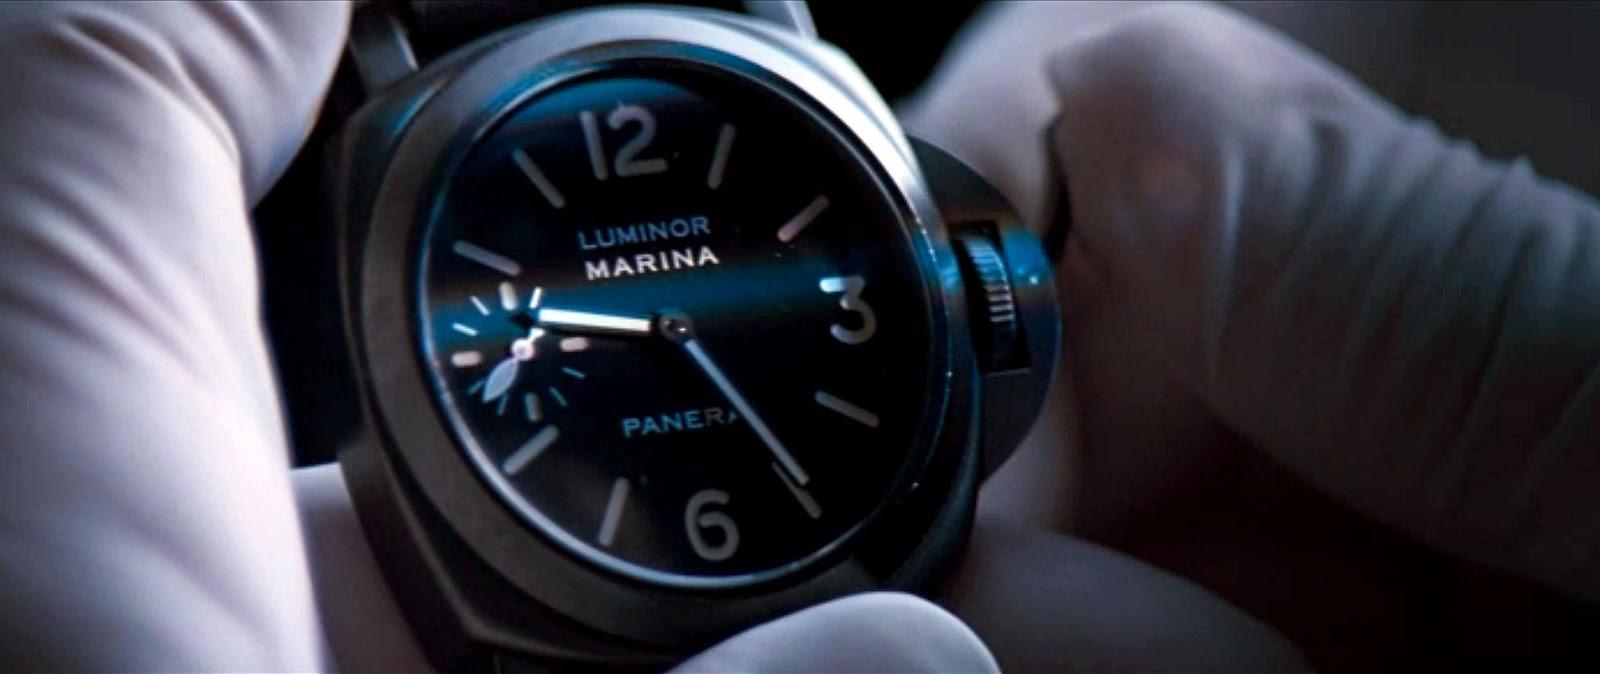 Luminor-Marina-Panerai-from-Opening-Scene-of-Eraser-Movie-1996